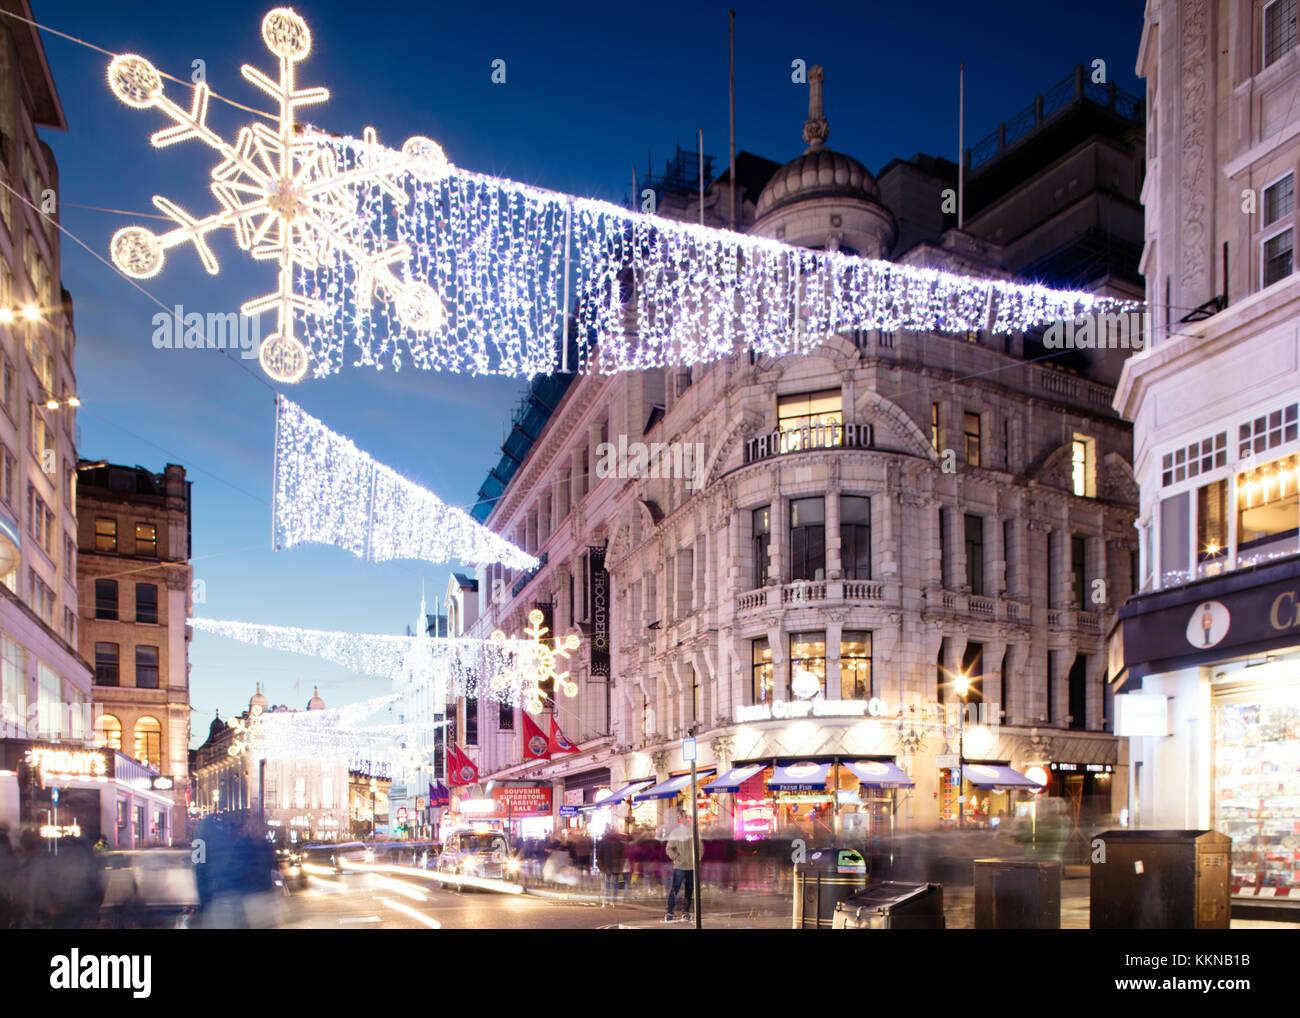 Weihnachtsbeleuchtung Zum Stecken.England London Weihnachtsbeleuchtung Am Piccadilly Circus Und